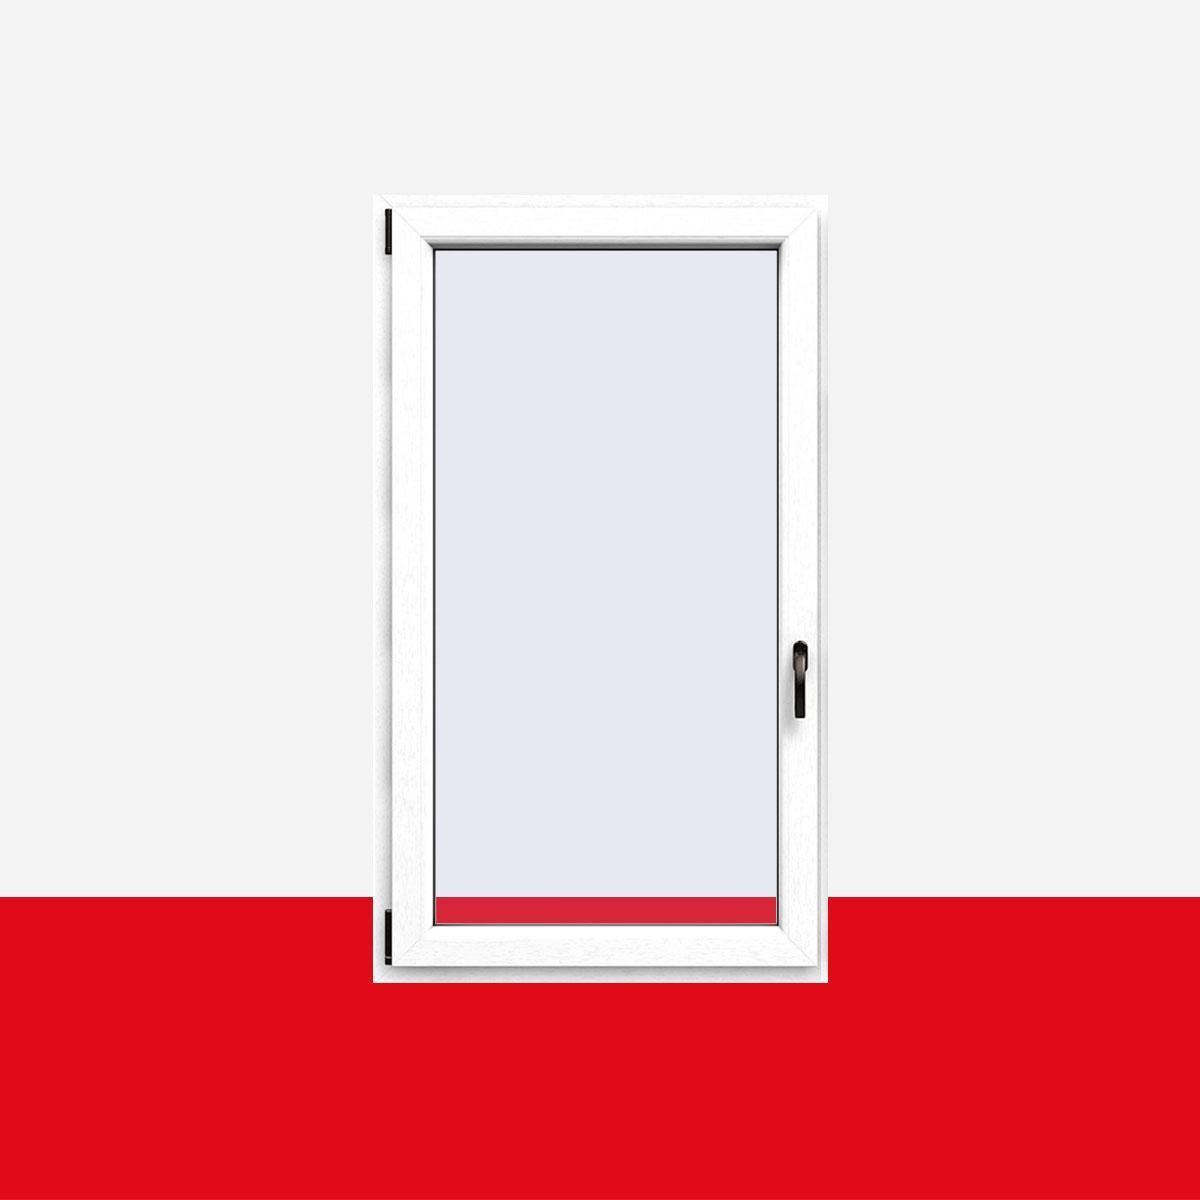 Full Size of Kunststofffenster Wei Finnen Und Auen Dreh Kipp Fenster 1 Holz Alu Preise Insektenschutzgitter Schüco Kaufen Polnische Fototapete Xxl Sofa Günstig Roro Fenster Fenster Günstig Kaufen